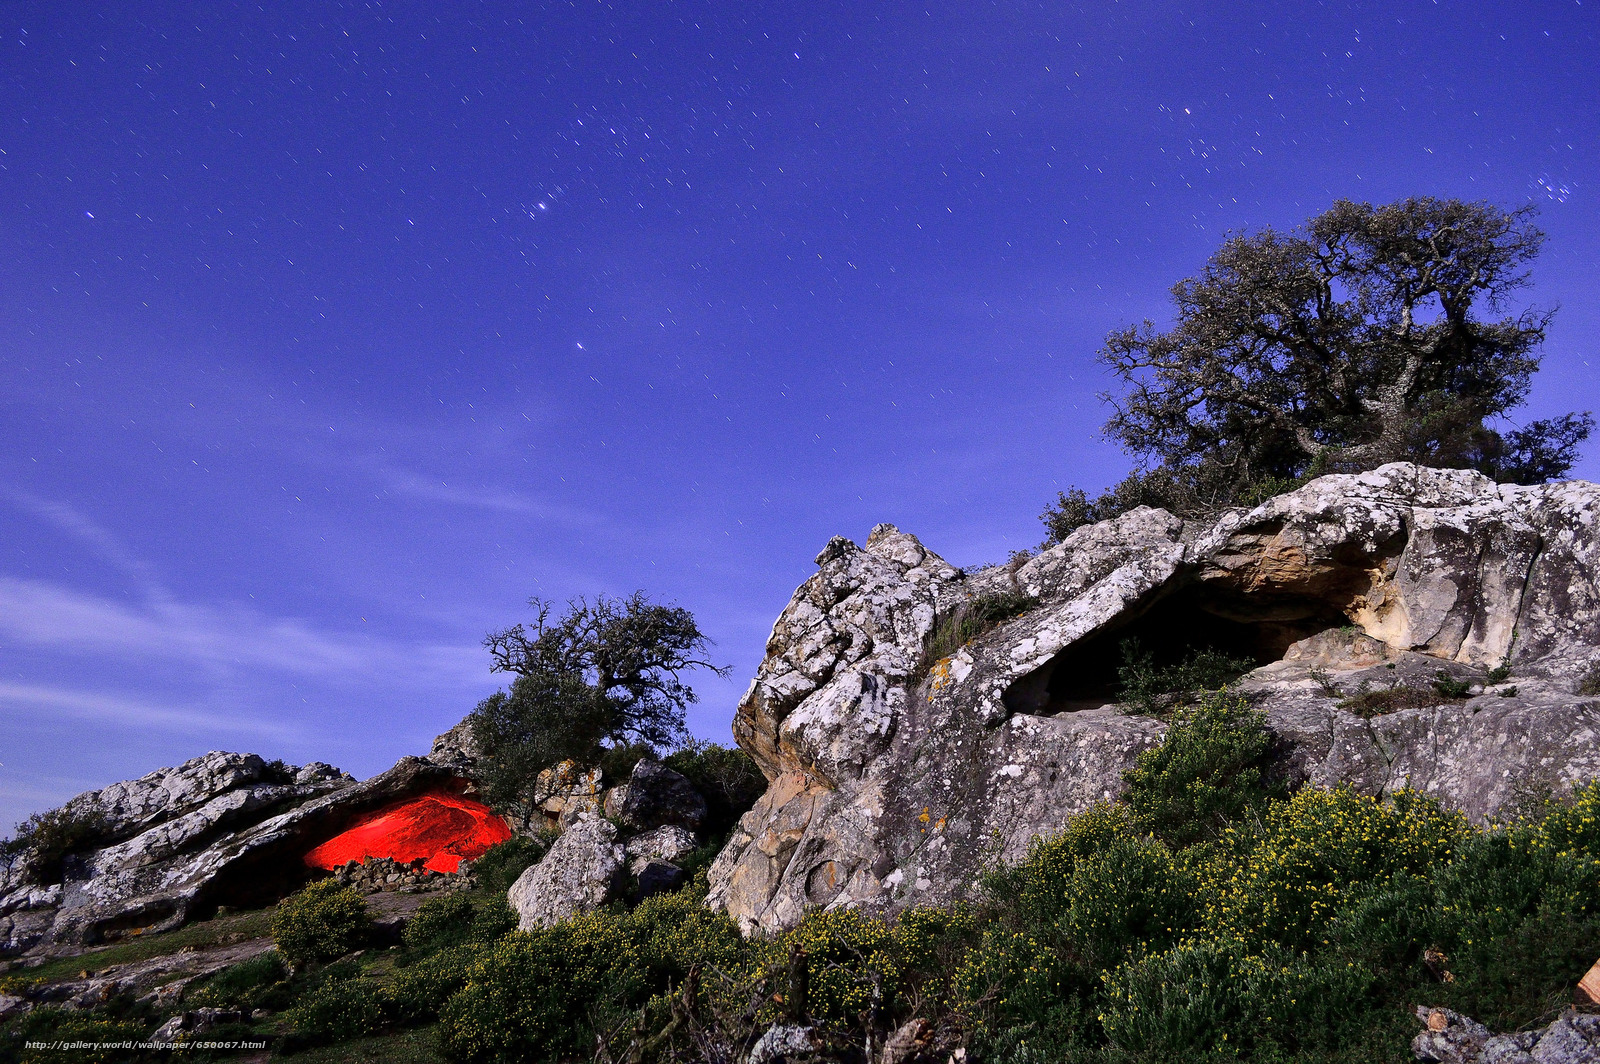 Скачать обои ночь,  небо,  деревья,  камни бесплатно для рабочего стола в разрешении 2048x1362 — картинка №650067